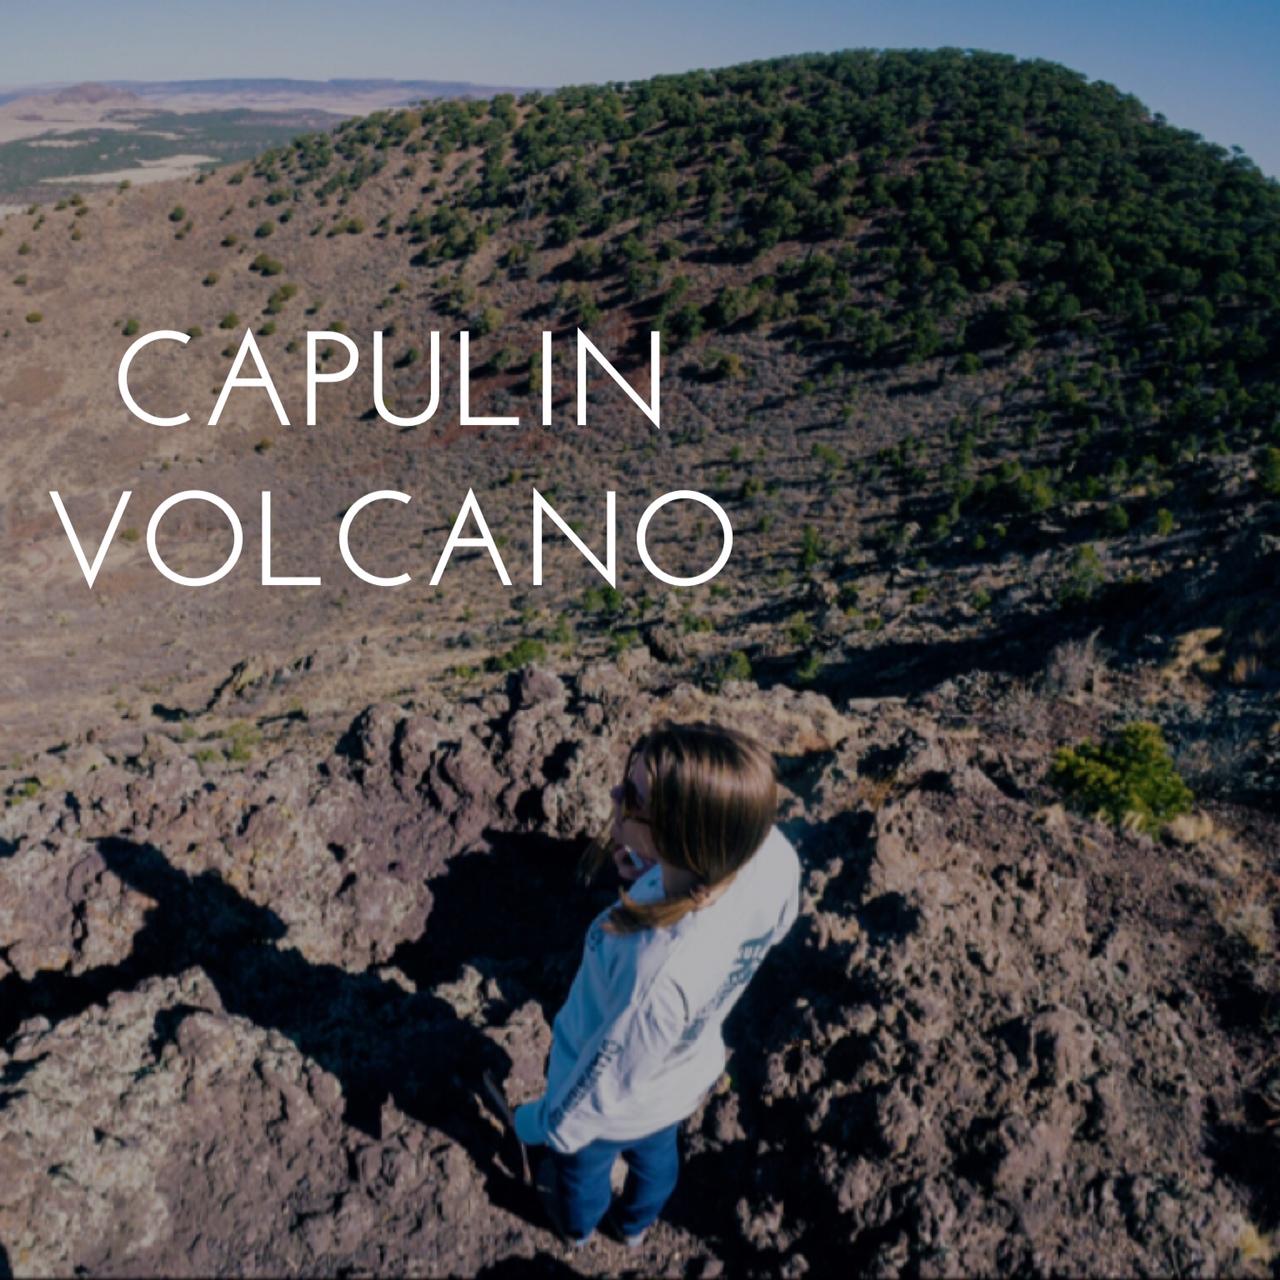 CapulinVolcano(1).jpg